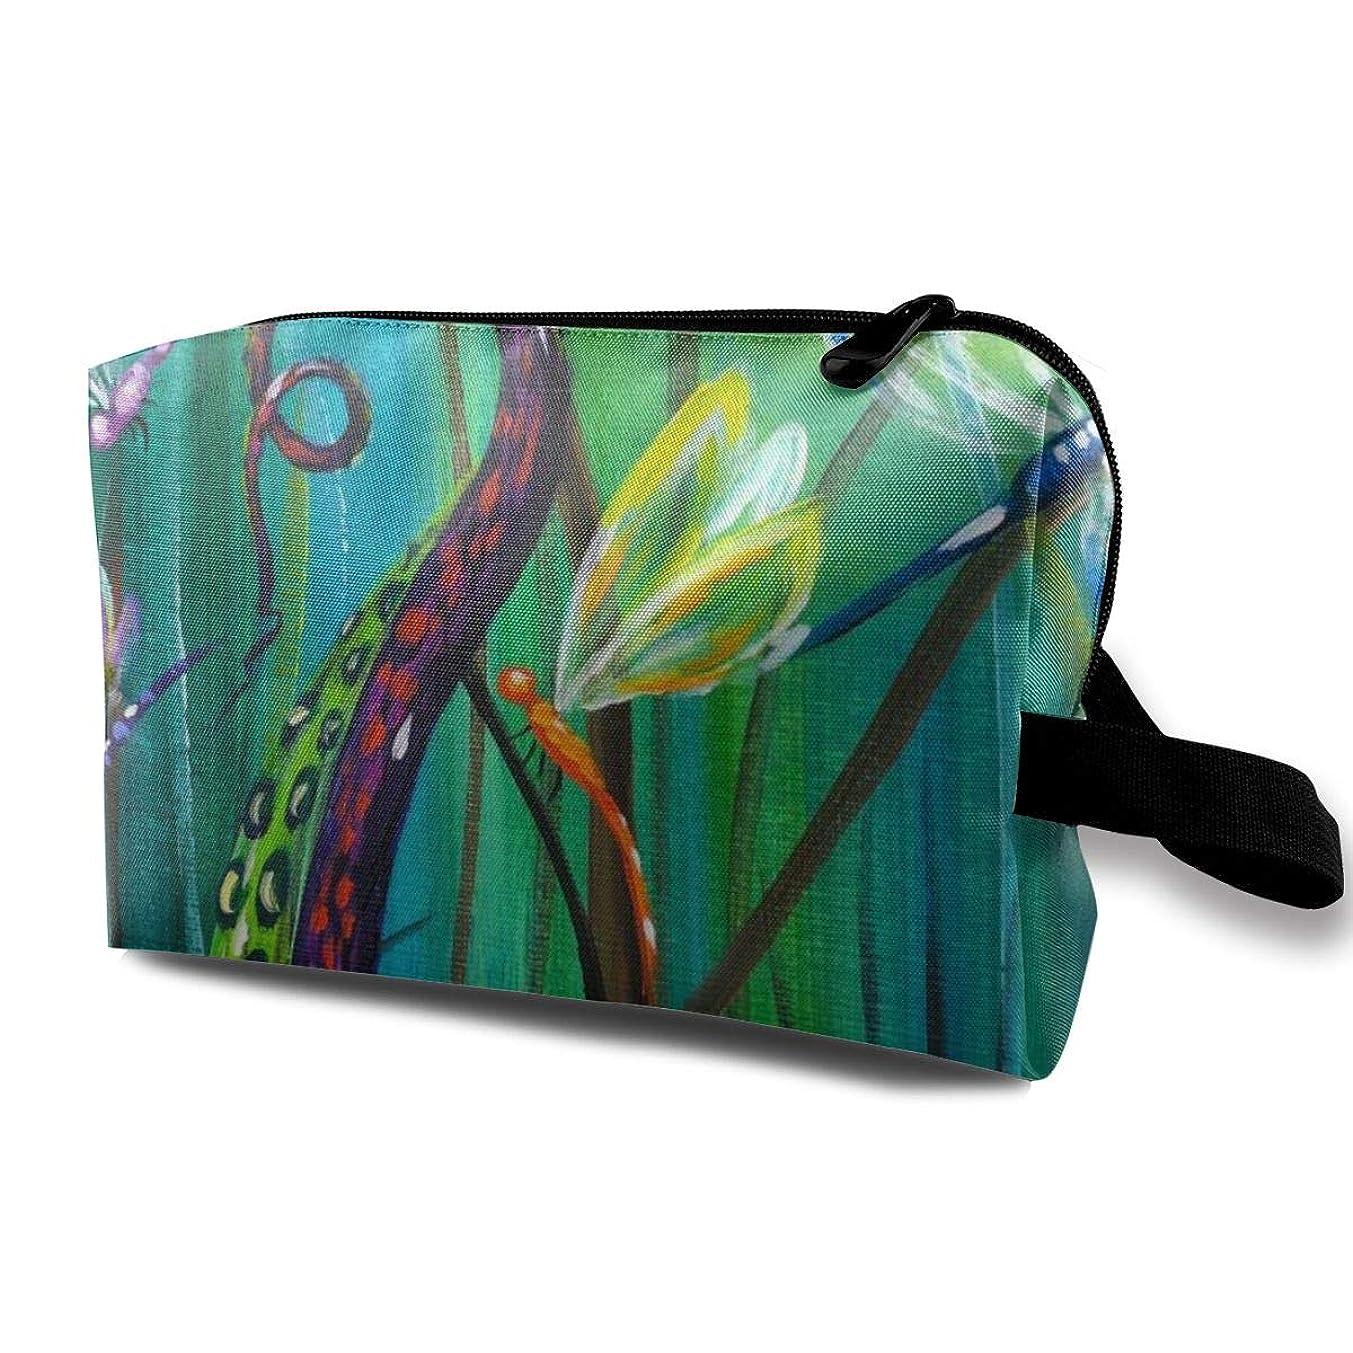 丁寧膨らませる著作権タコ触手トンボ 化粧バッグ 収納袋 女大容量 化粧品クラッチバッグ 収納 軽量 ウィンドジップ